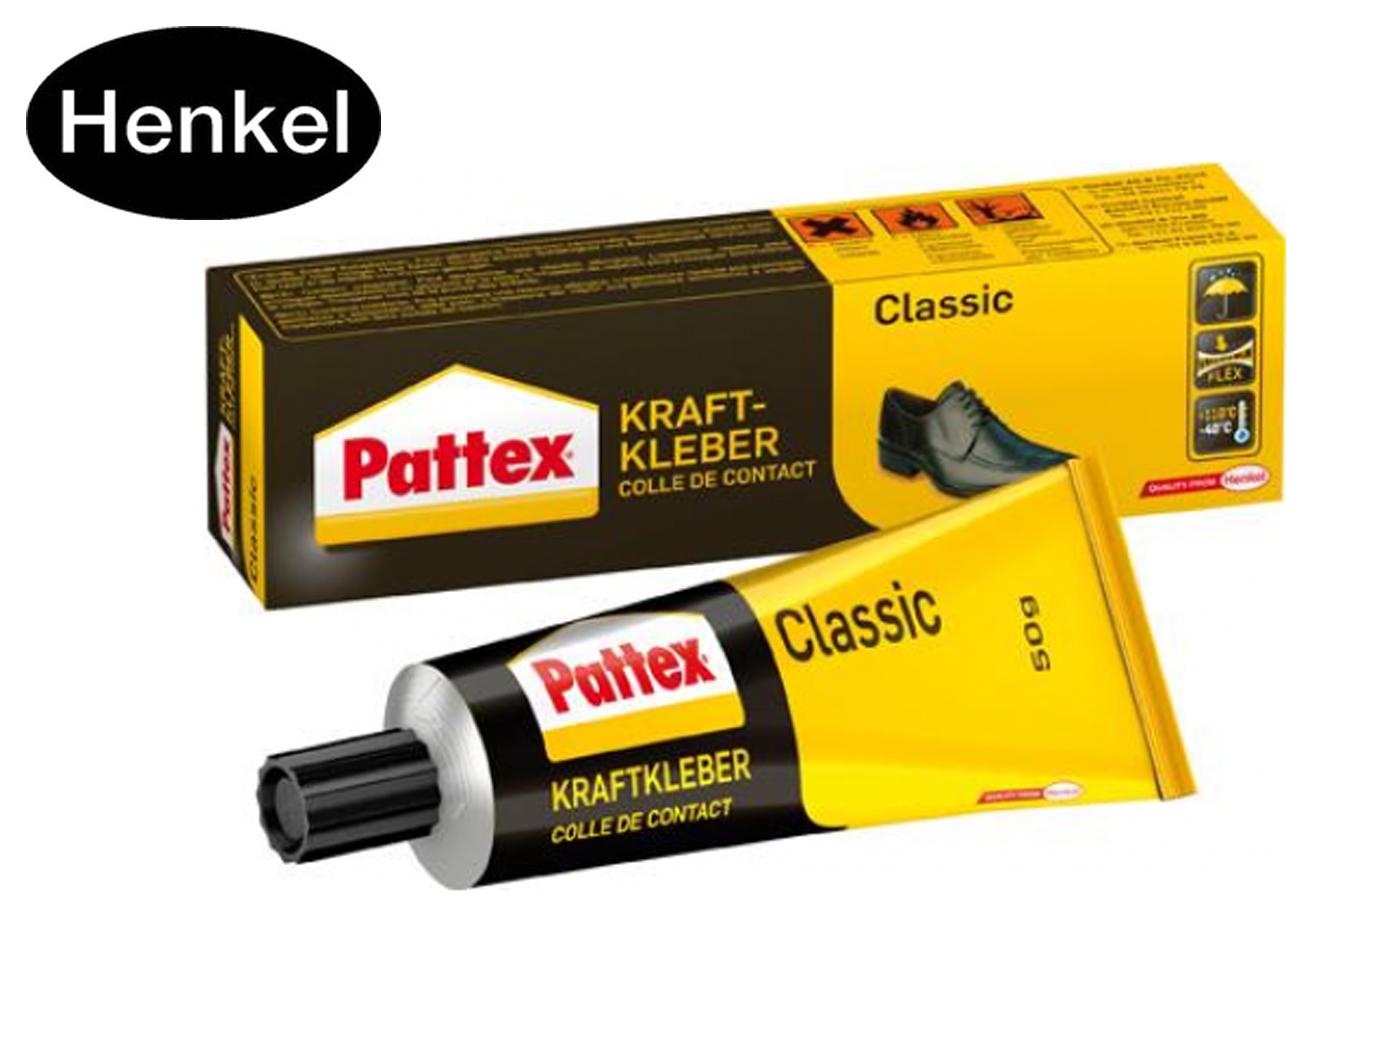 Pattex lijm PCL3C 110 graden | DKMTools - DKM Tools